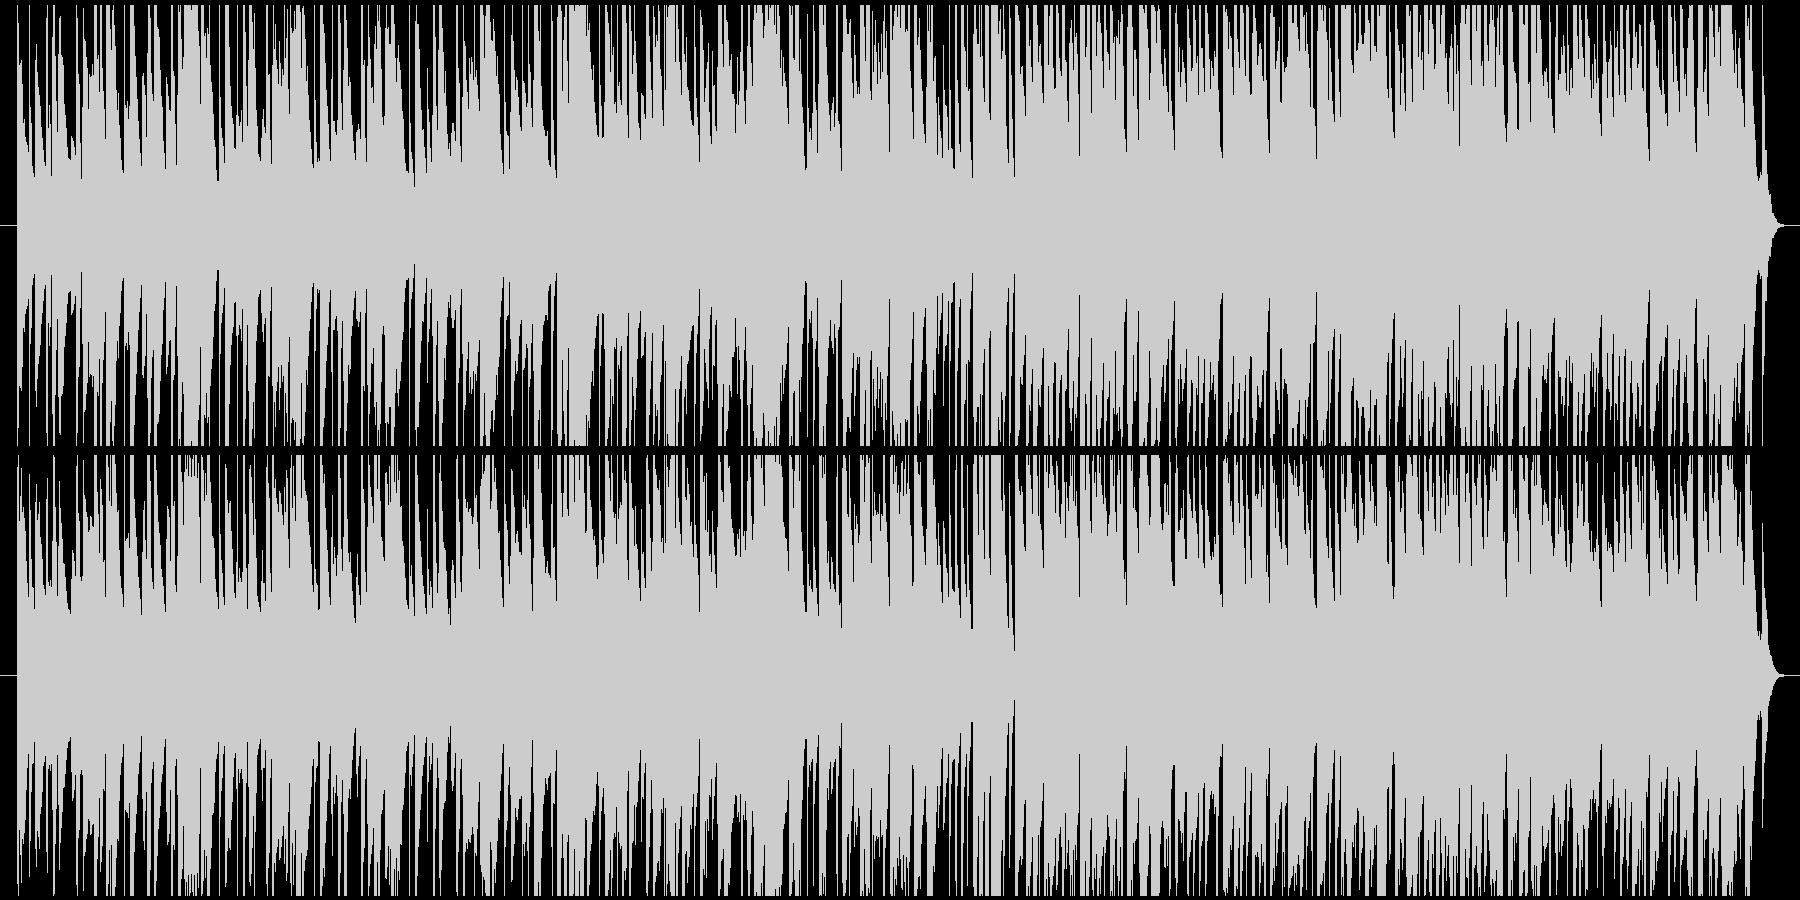 ラテン風のお気楽な雰囲気のBGMの未再生の波形